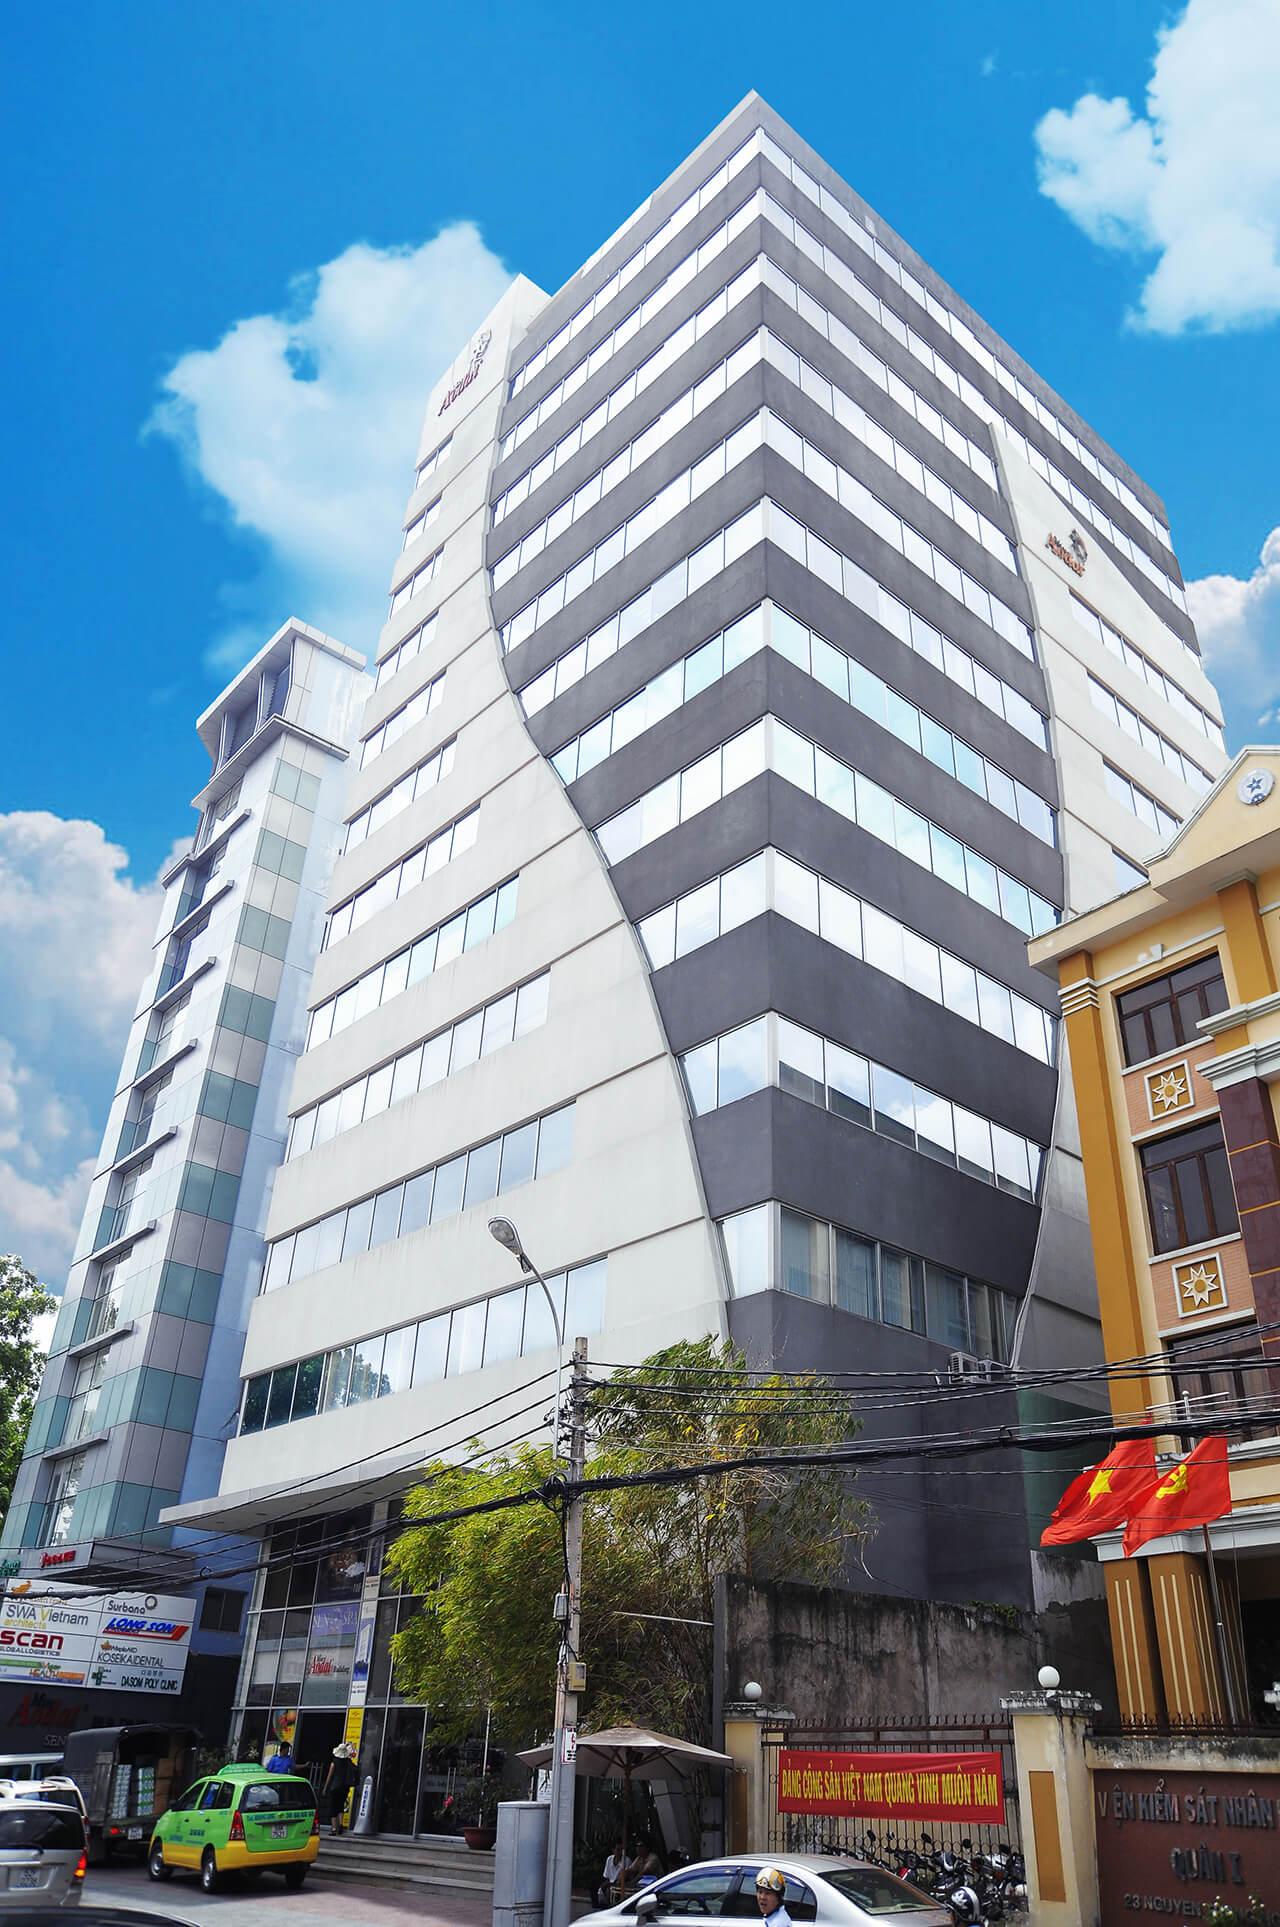 Miss Áo Dài Building -Tòa nhà tọa lạc trên mặt tiền đường Nguyễn Trung Ngạn